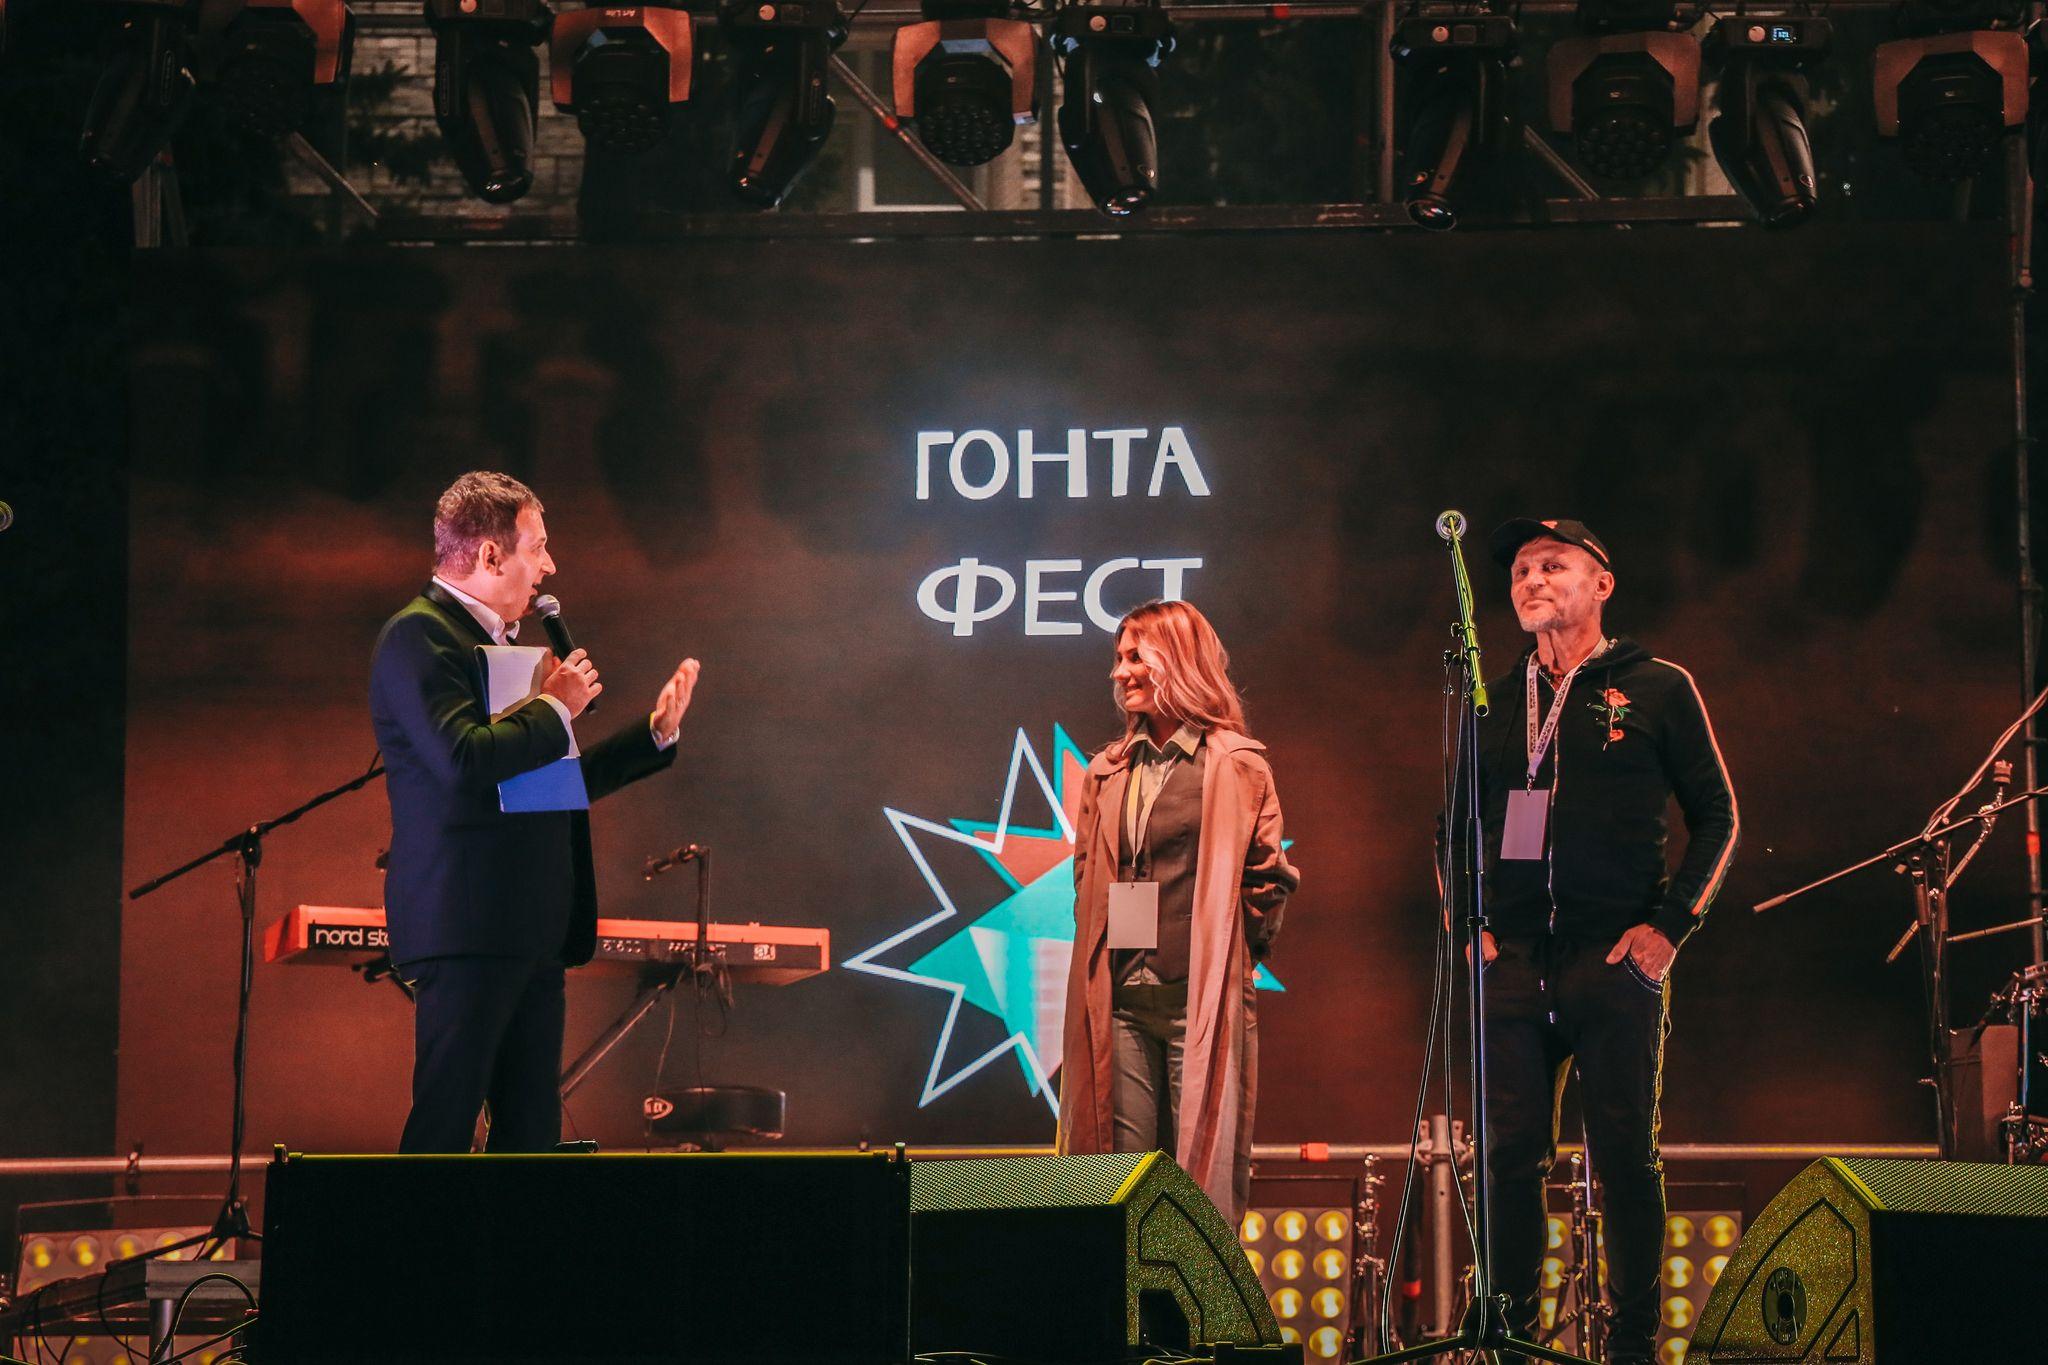 В Умані вперше провели фестиваль української пісні «Гонта Фест»